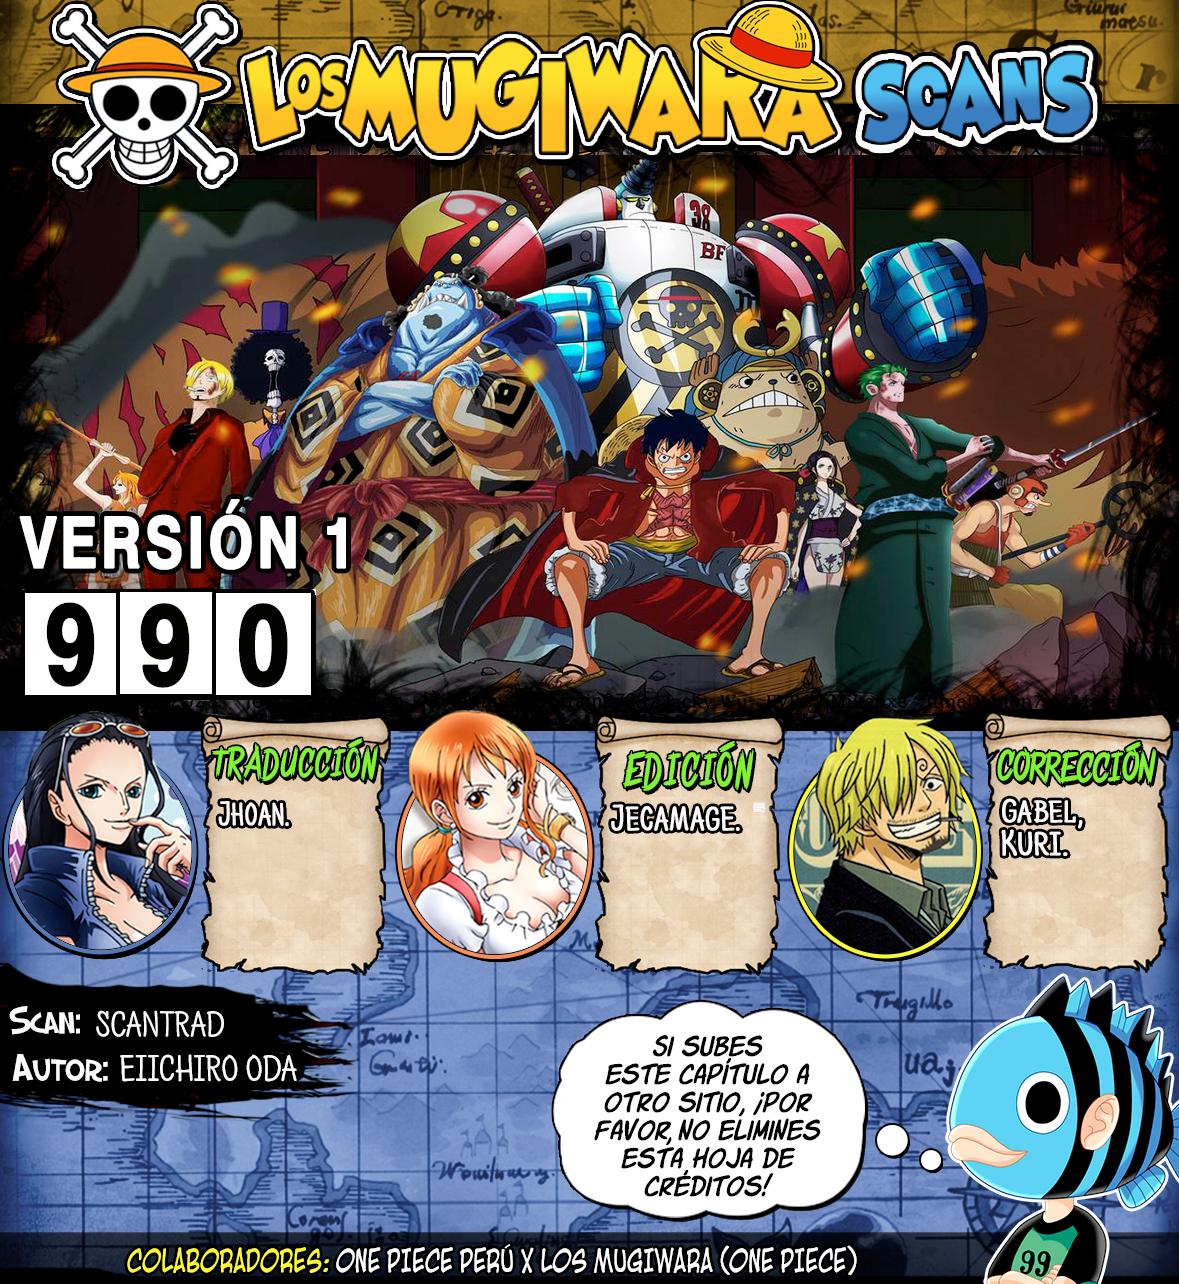 One Piece Manga 990 [Español] [Mugiwara Scans] 99